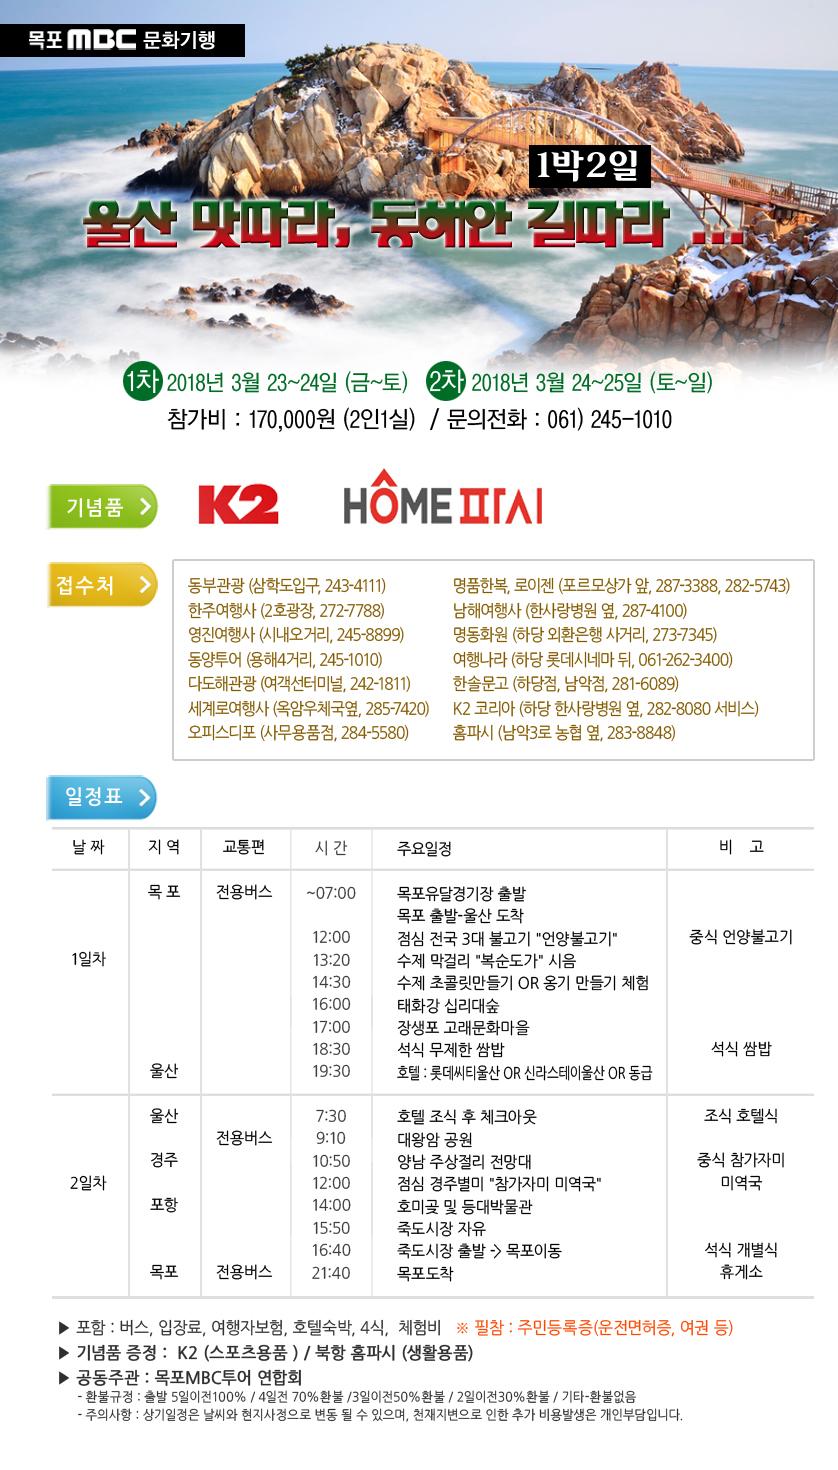 울산 맛따라, 동해안 길따라 1박2일 ... 행사정보